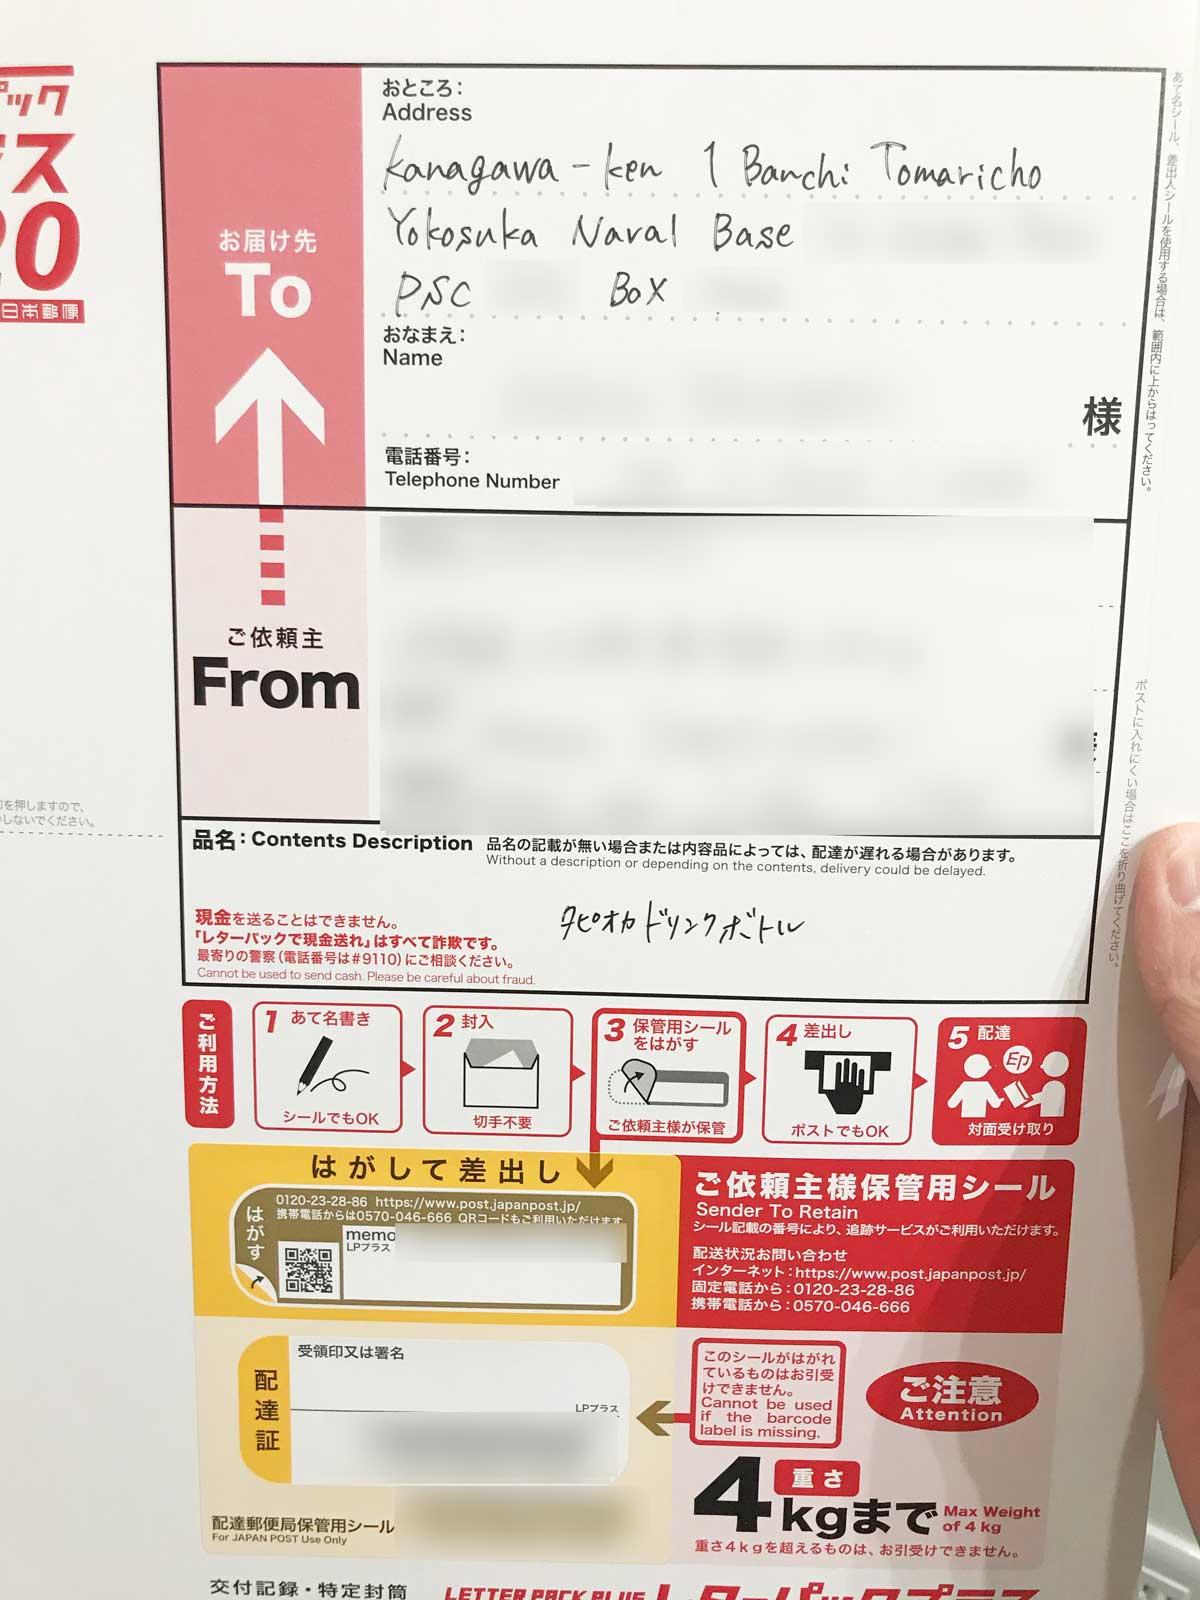 横須賀米軍基地にレターパックプラスで出荷!郵便局に確認、APO/FPO番号不要で商品を発送可能!宛名や住所の書き方など出荷方法をまとめた! apo_fpo_ you_pack_letterpack_img_5239